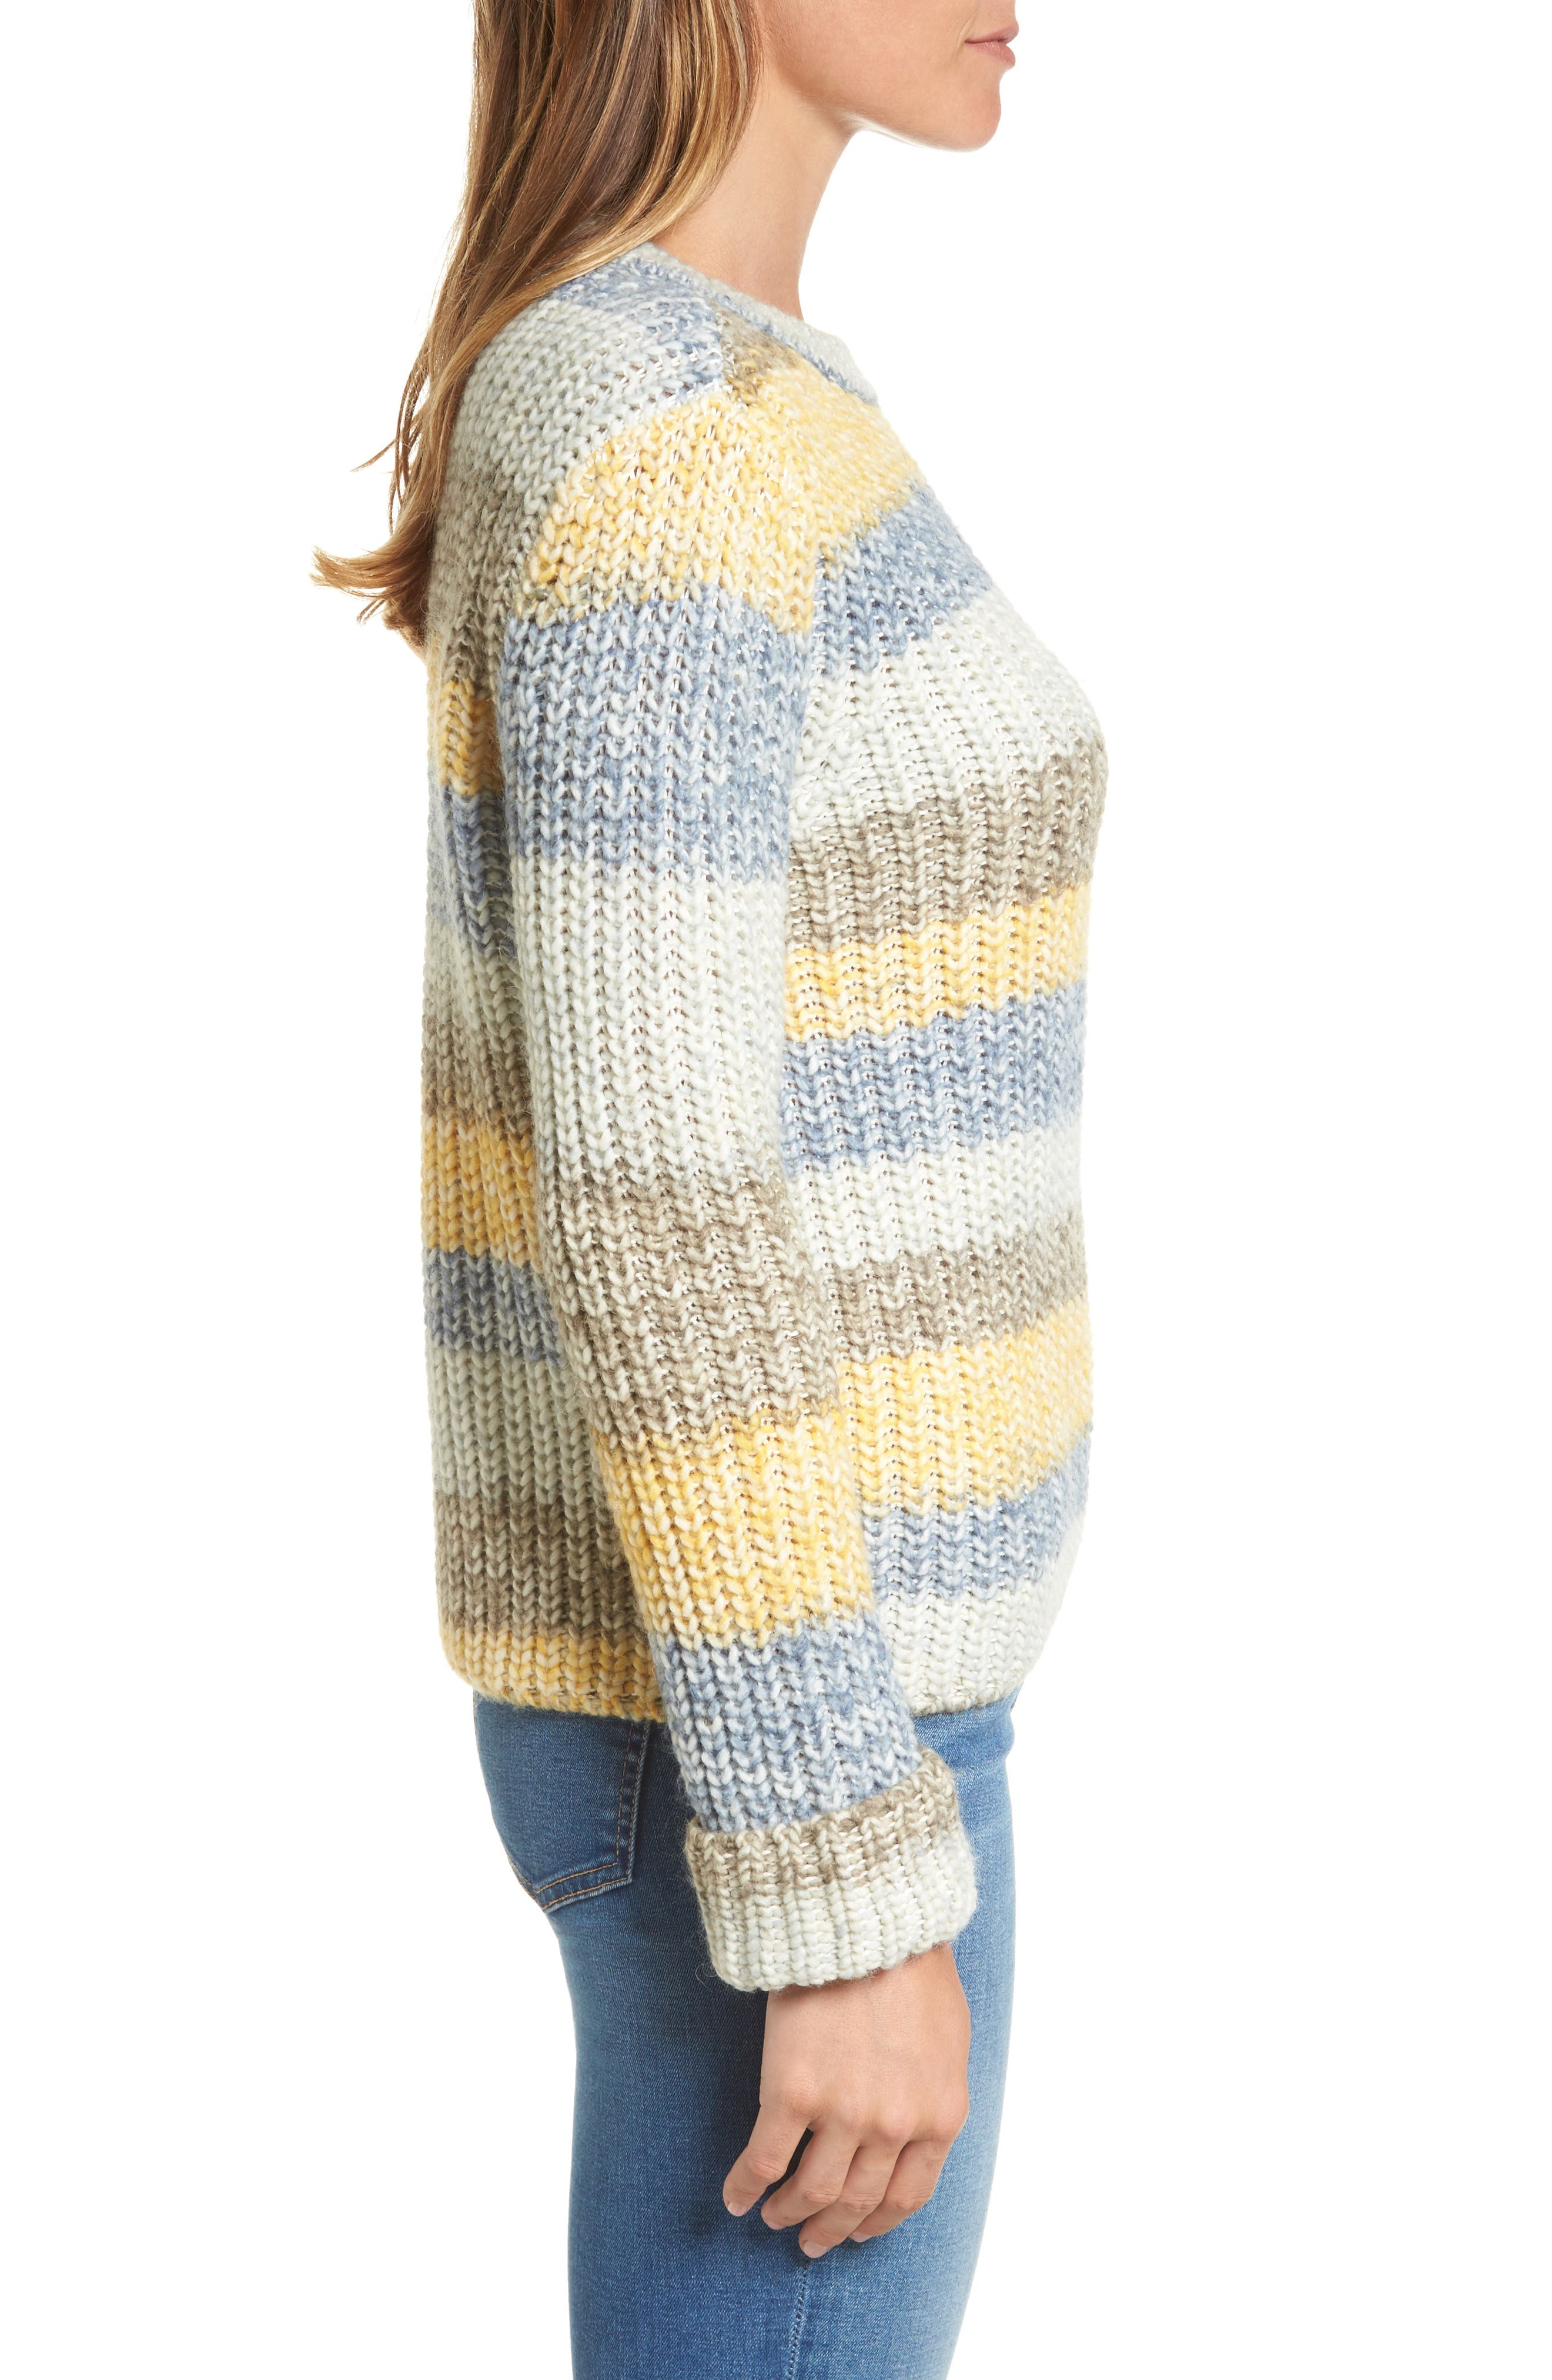 Hive Knit Fisherman Sweater,                             Alternate thumbnail 3, color,                             Sun Gold